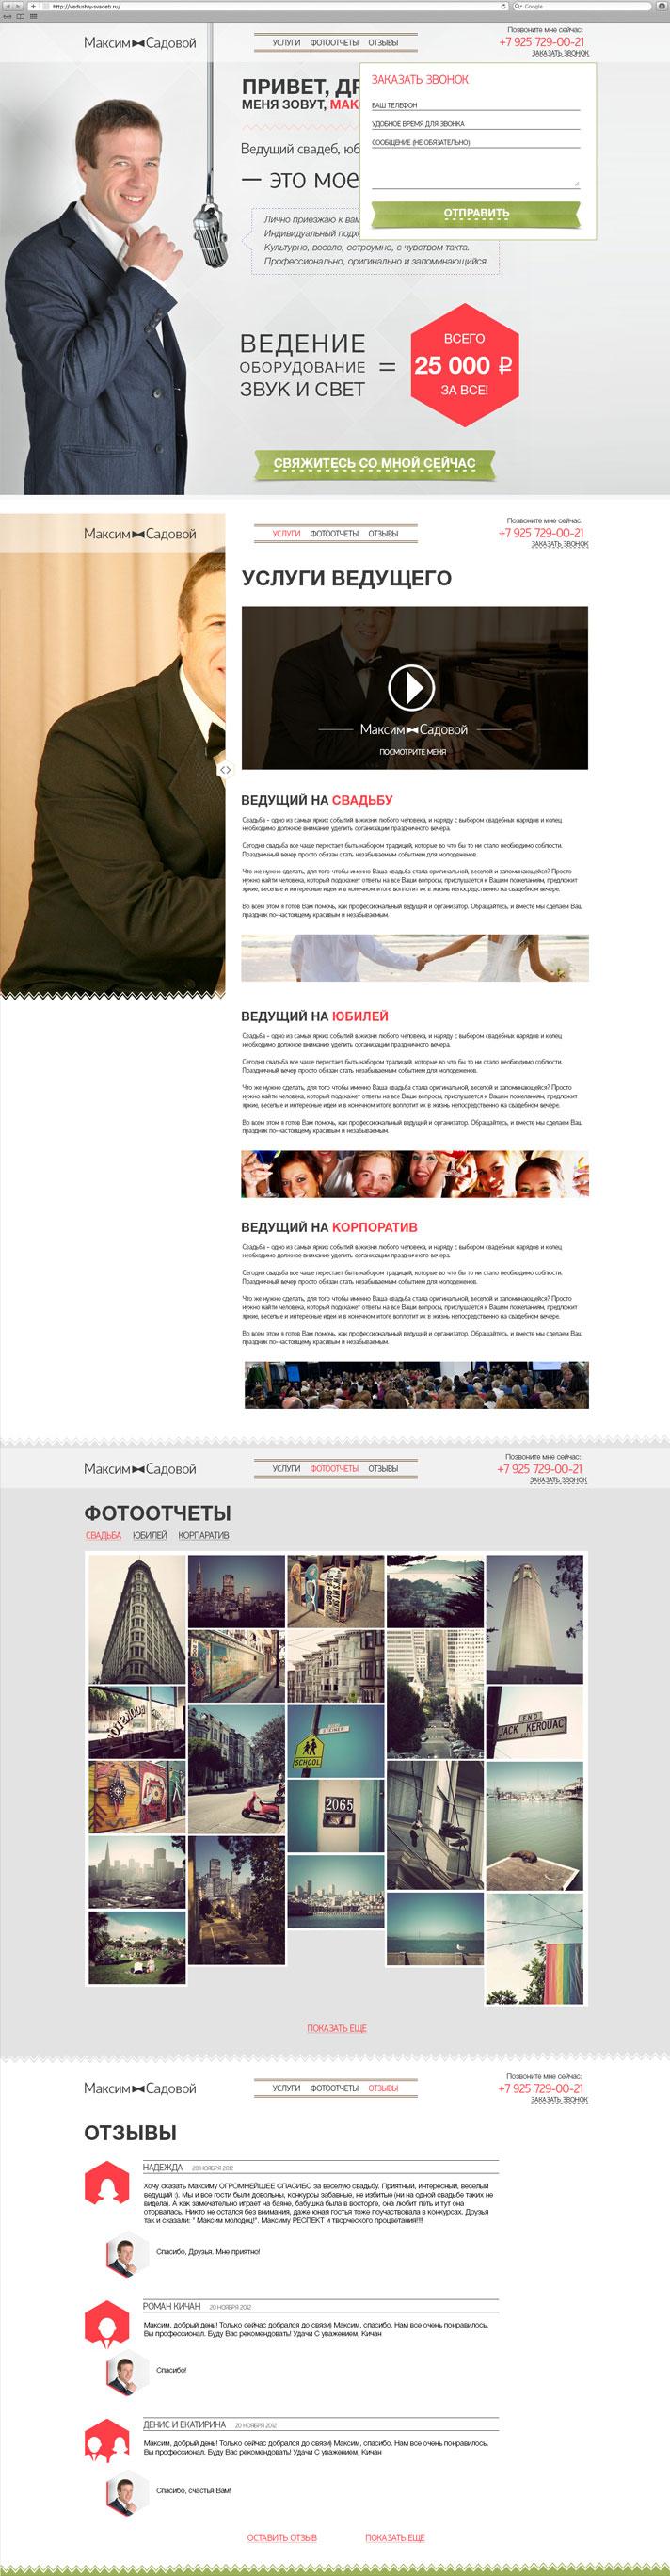 Максим Садовой — персональный сайт